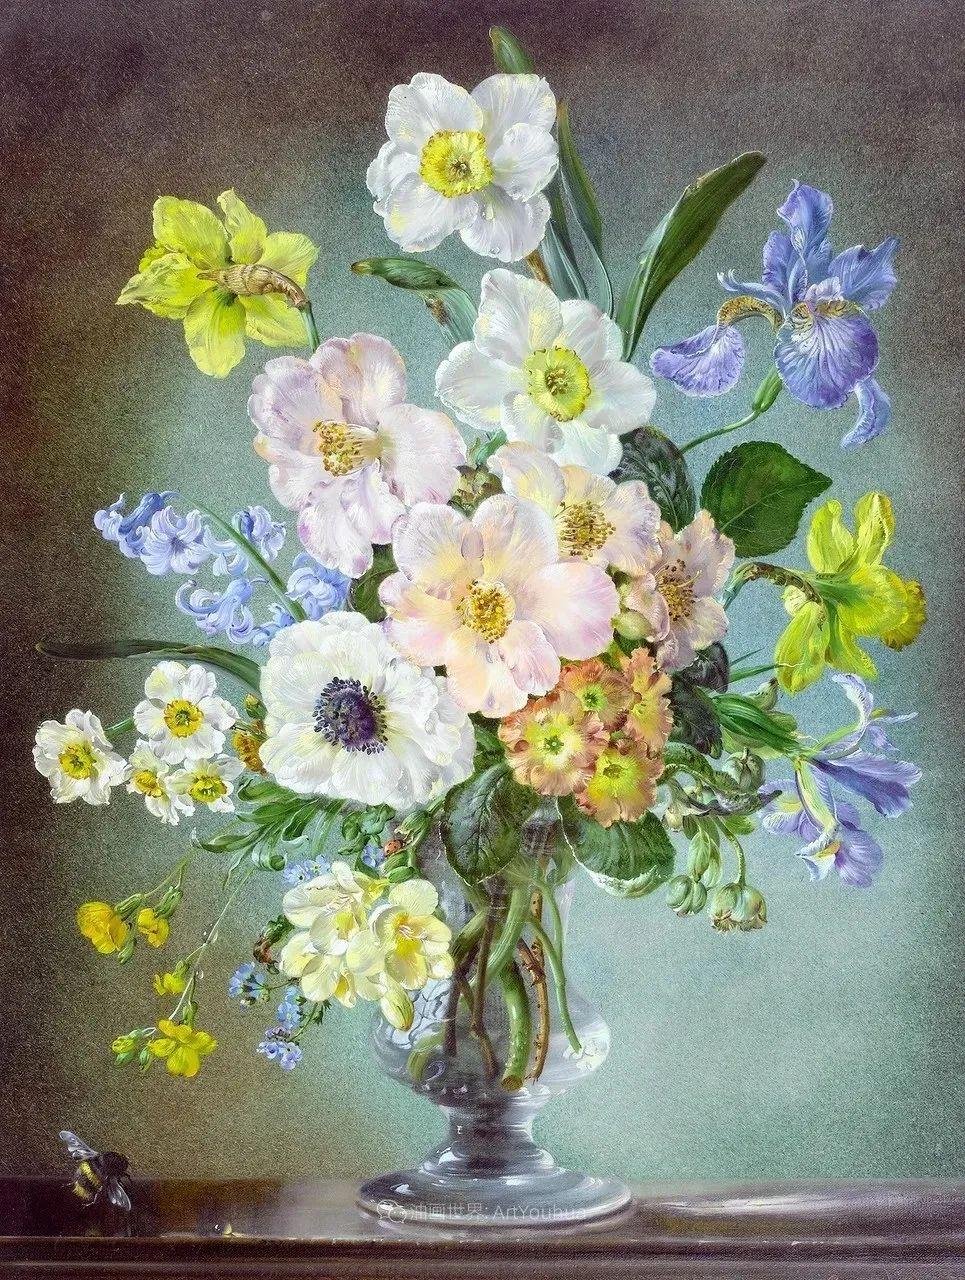 英国最伟大的花卉画家之一,艺术家塞西尔·肯尼迪插图77